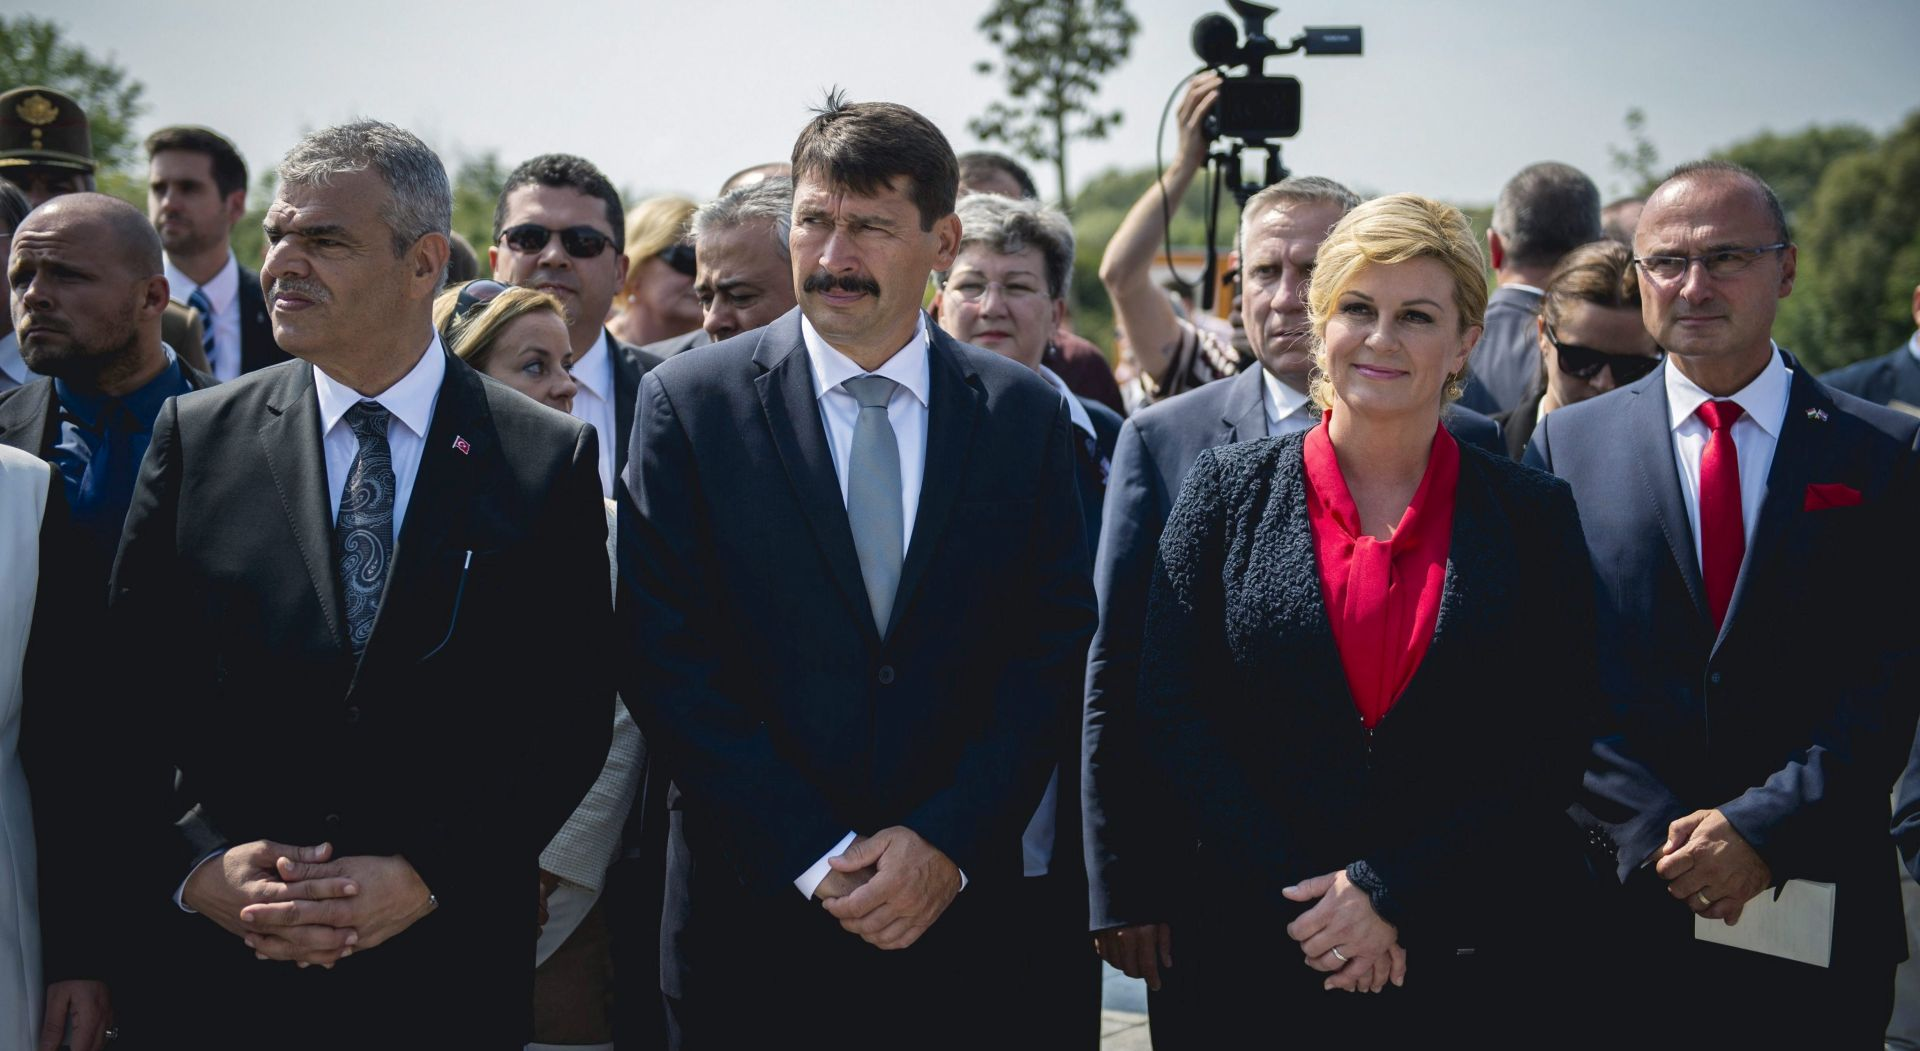 Hrvatske škole u Mađarskoj važne za povezivanje dviju država